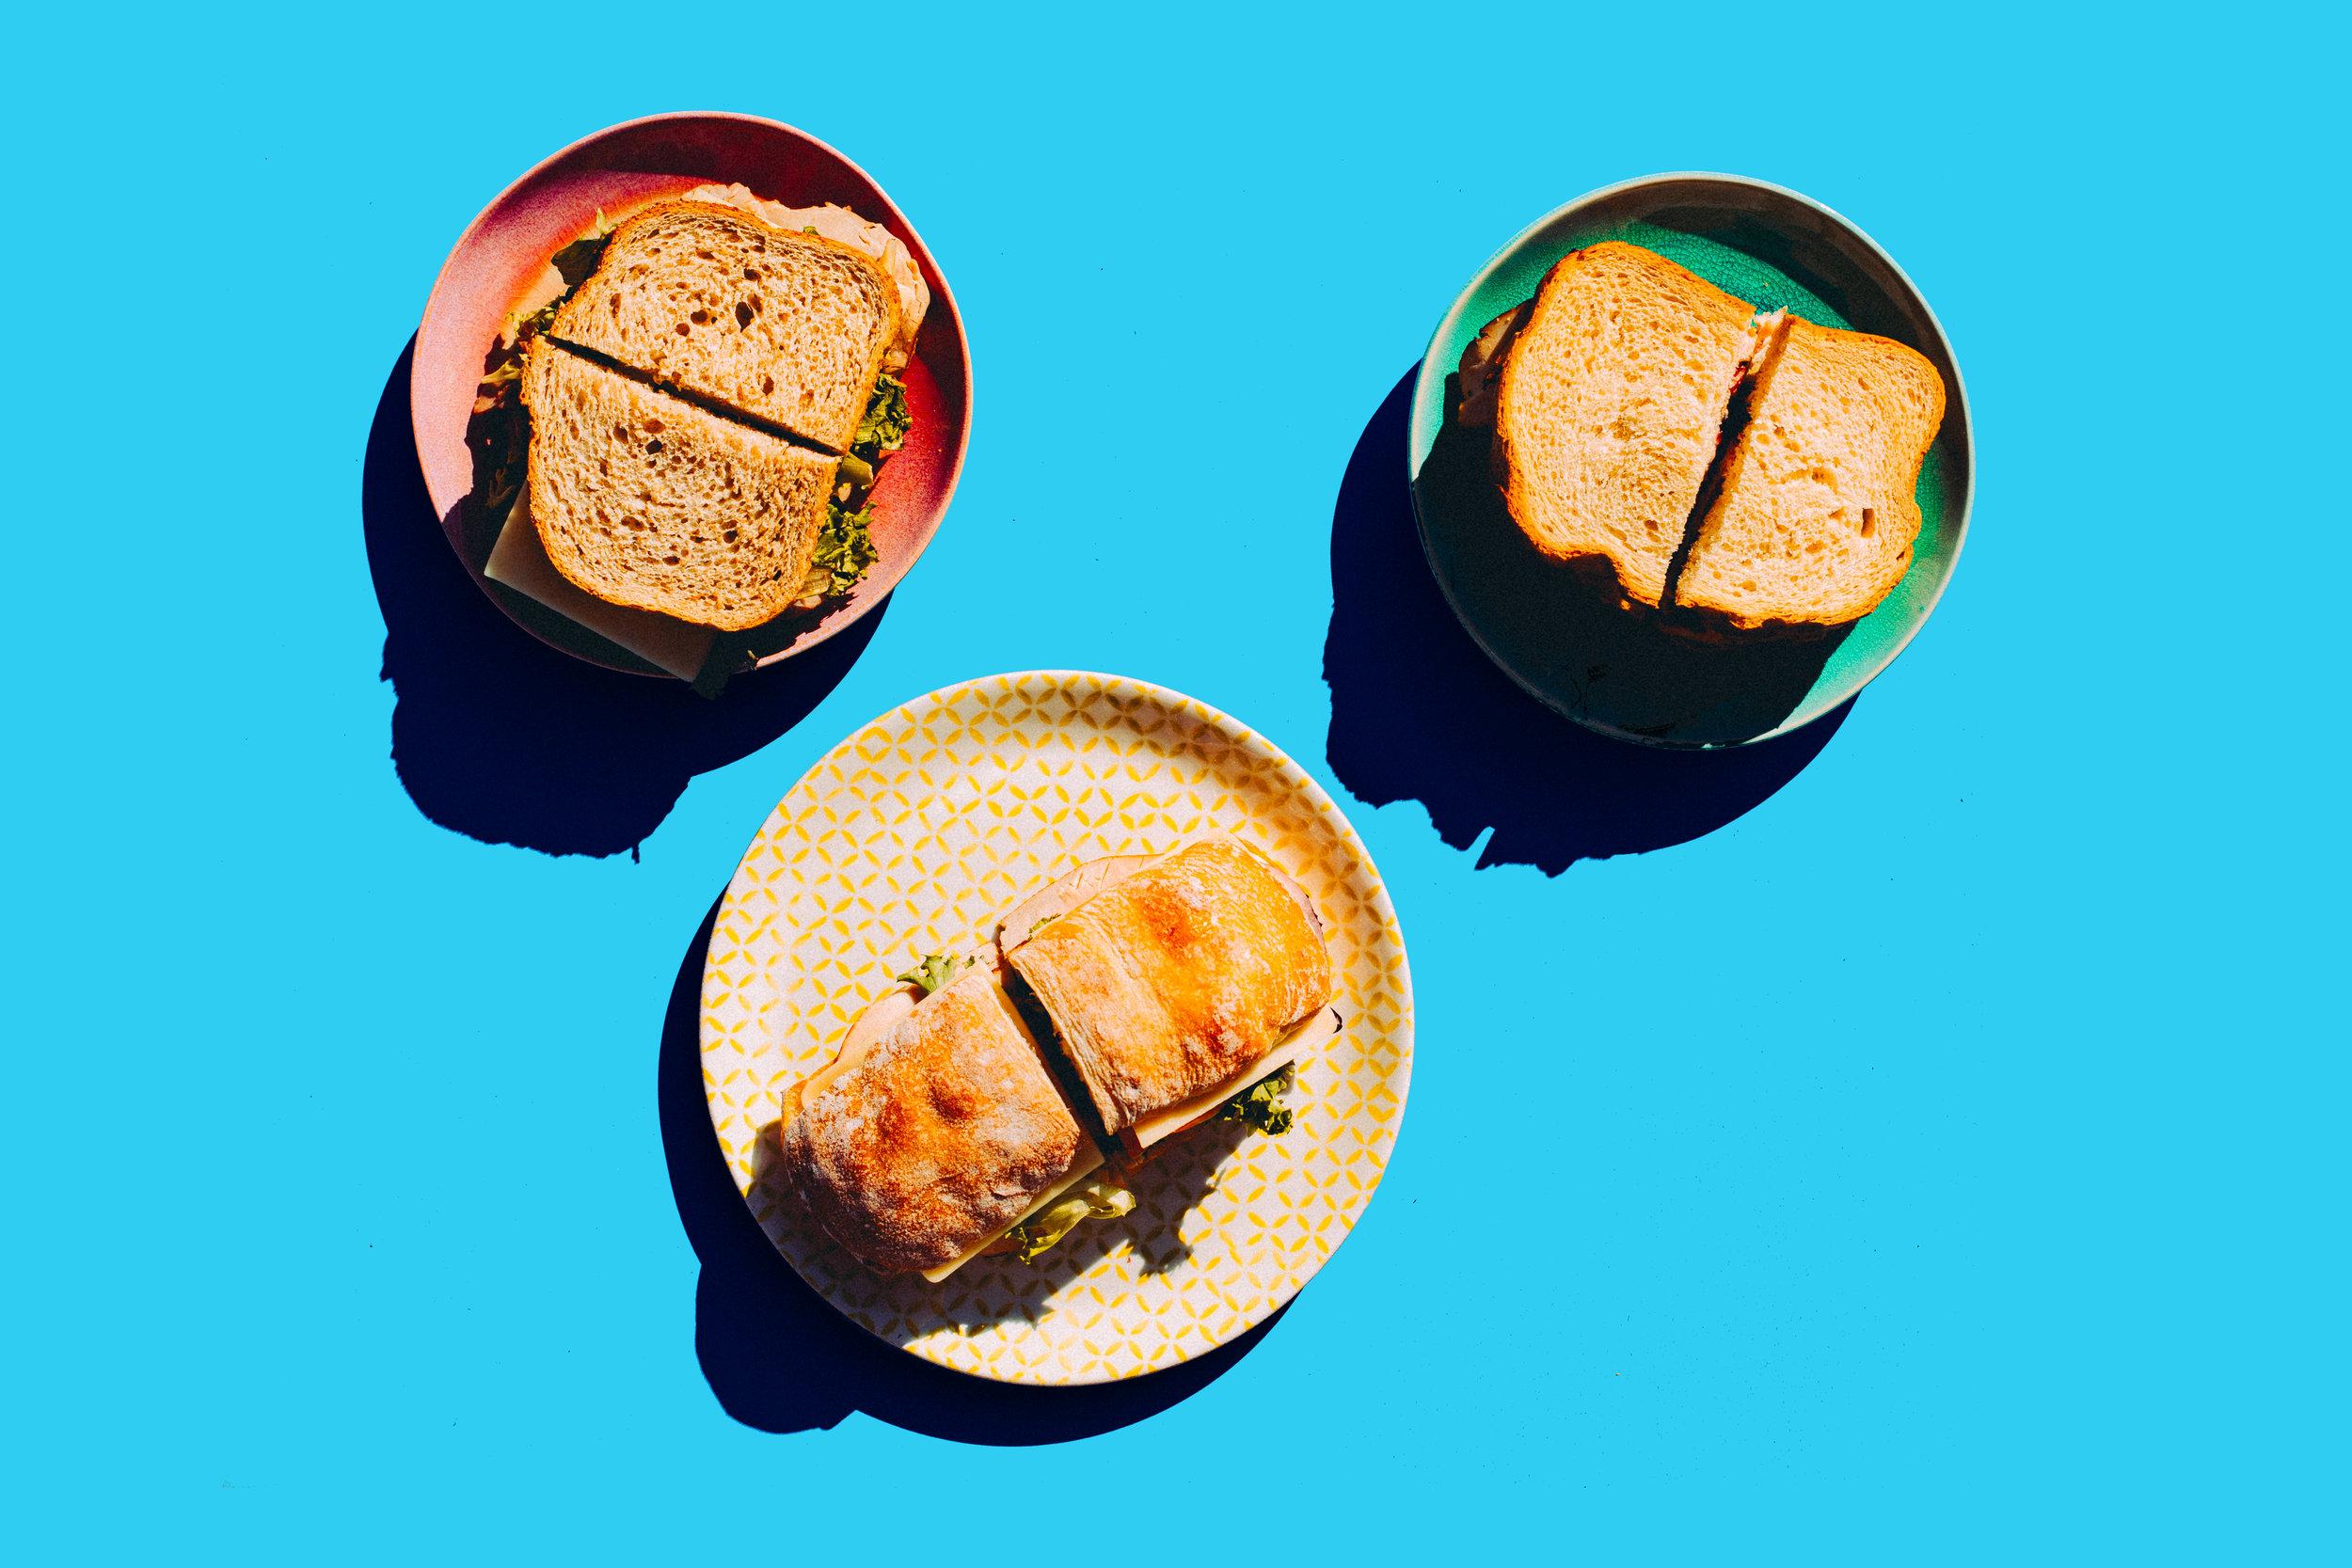 BB_Sandwich_Texture_9.jpg